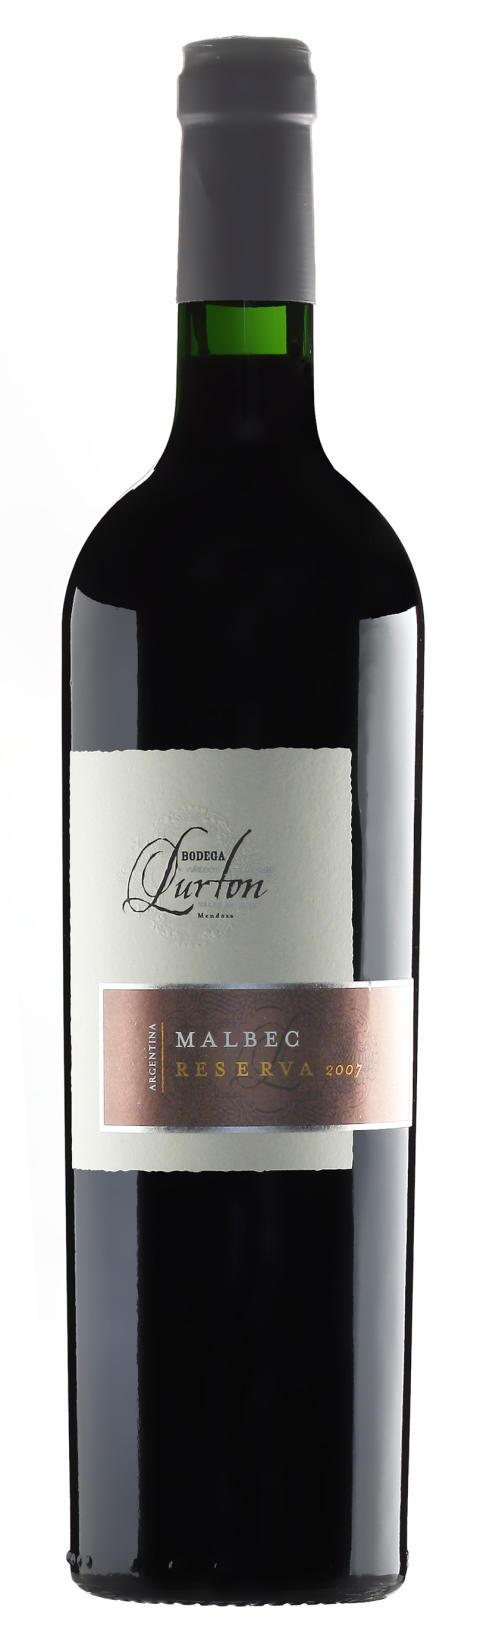 Lurton Malbec Reserva